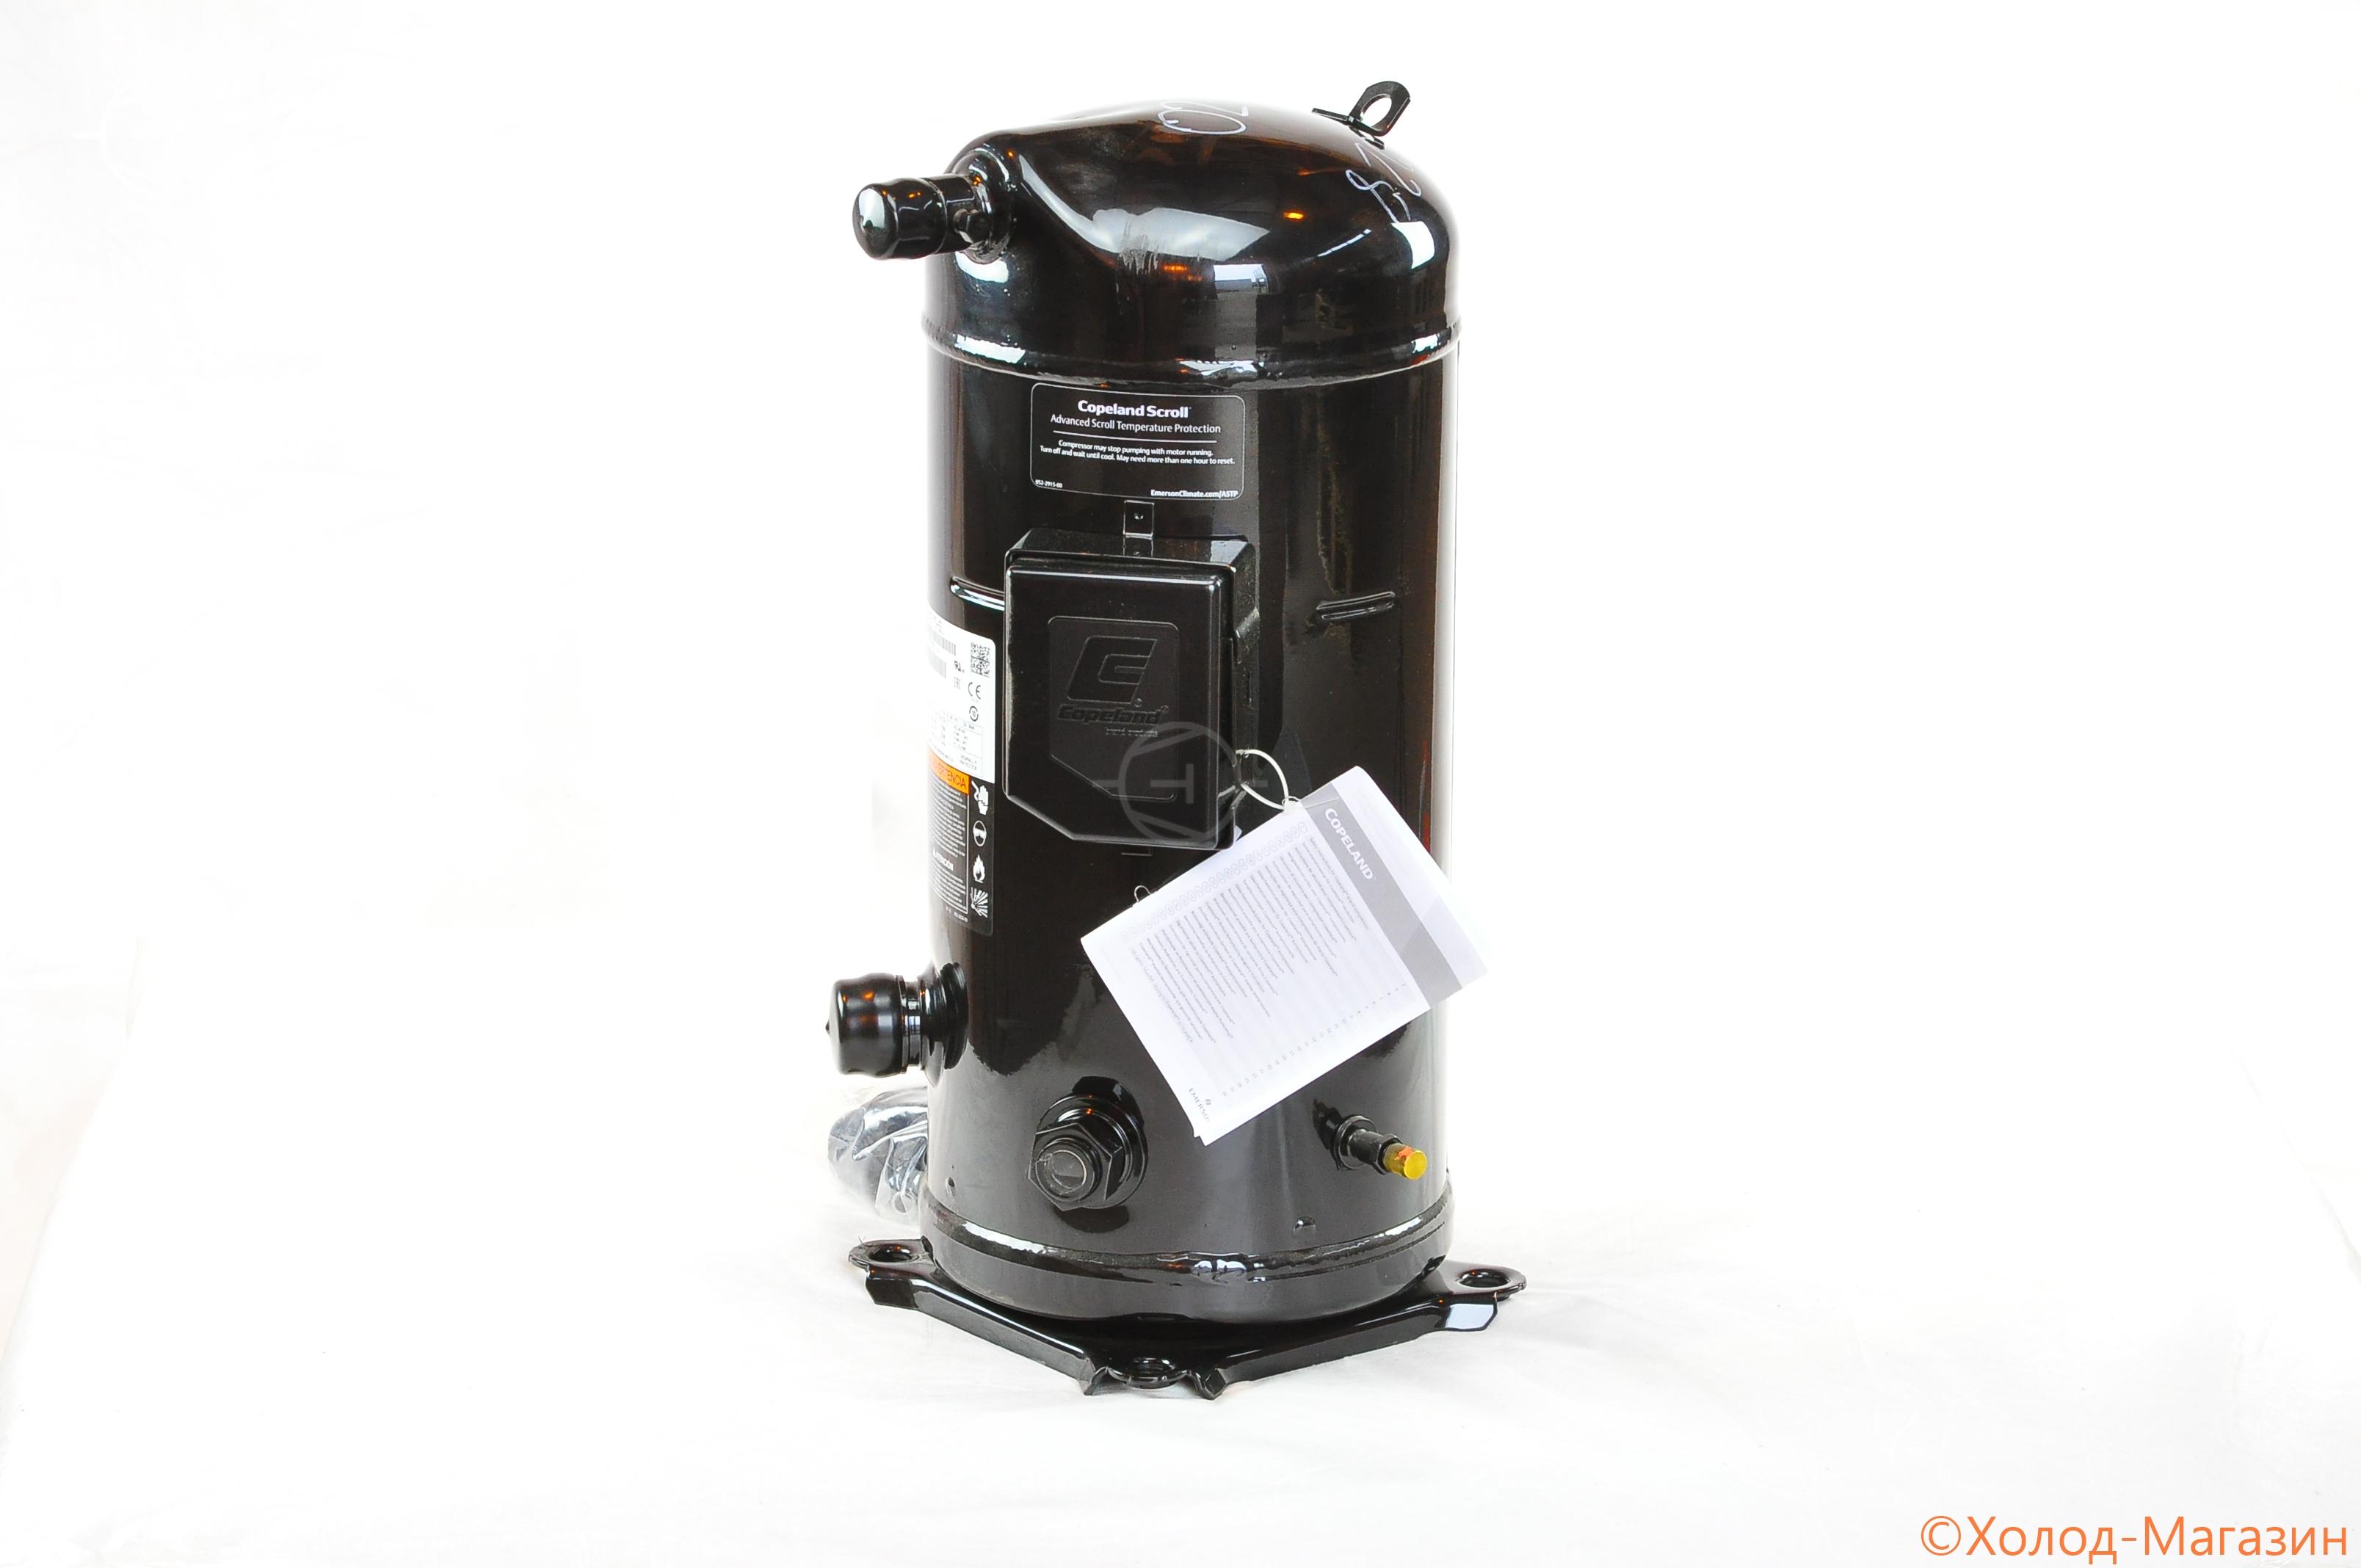 Компрессор спиральный ZB 76 KCE-TFD-551 Copeland, Emerson